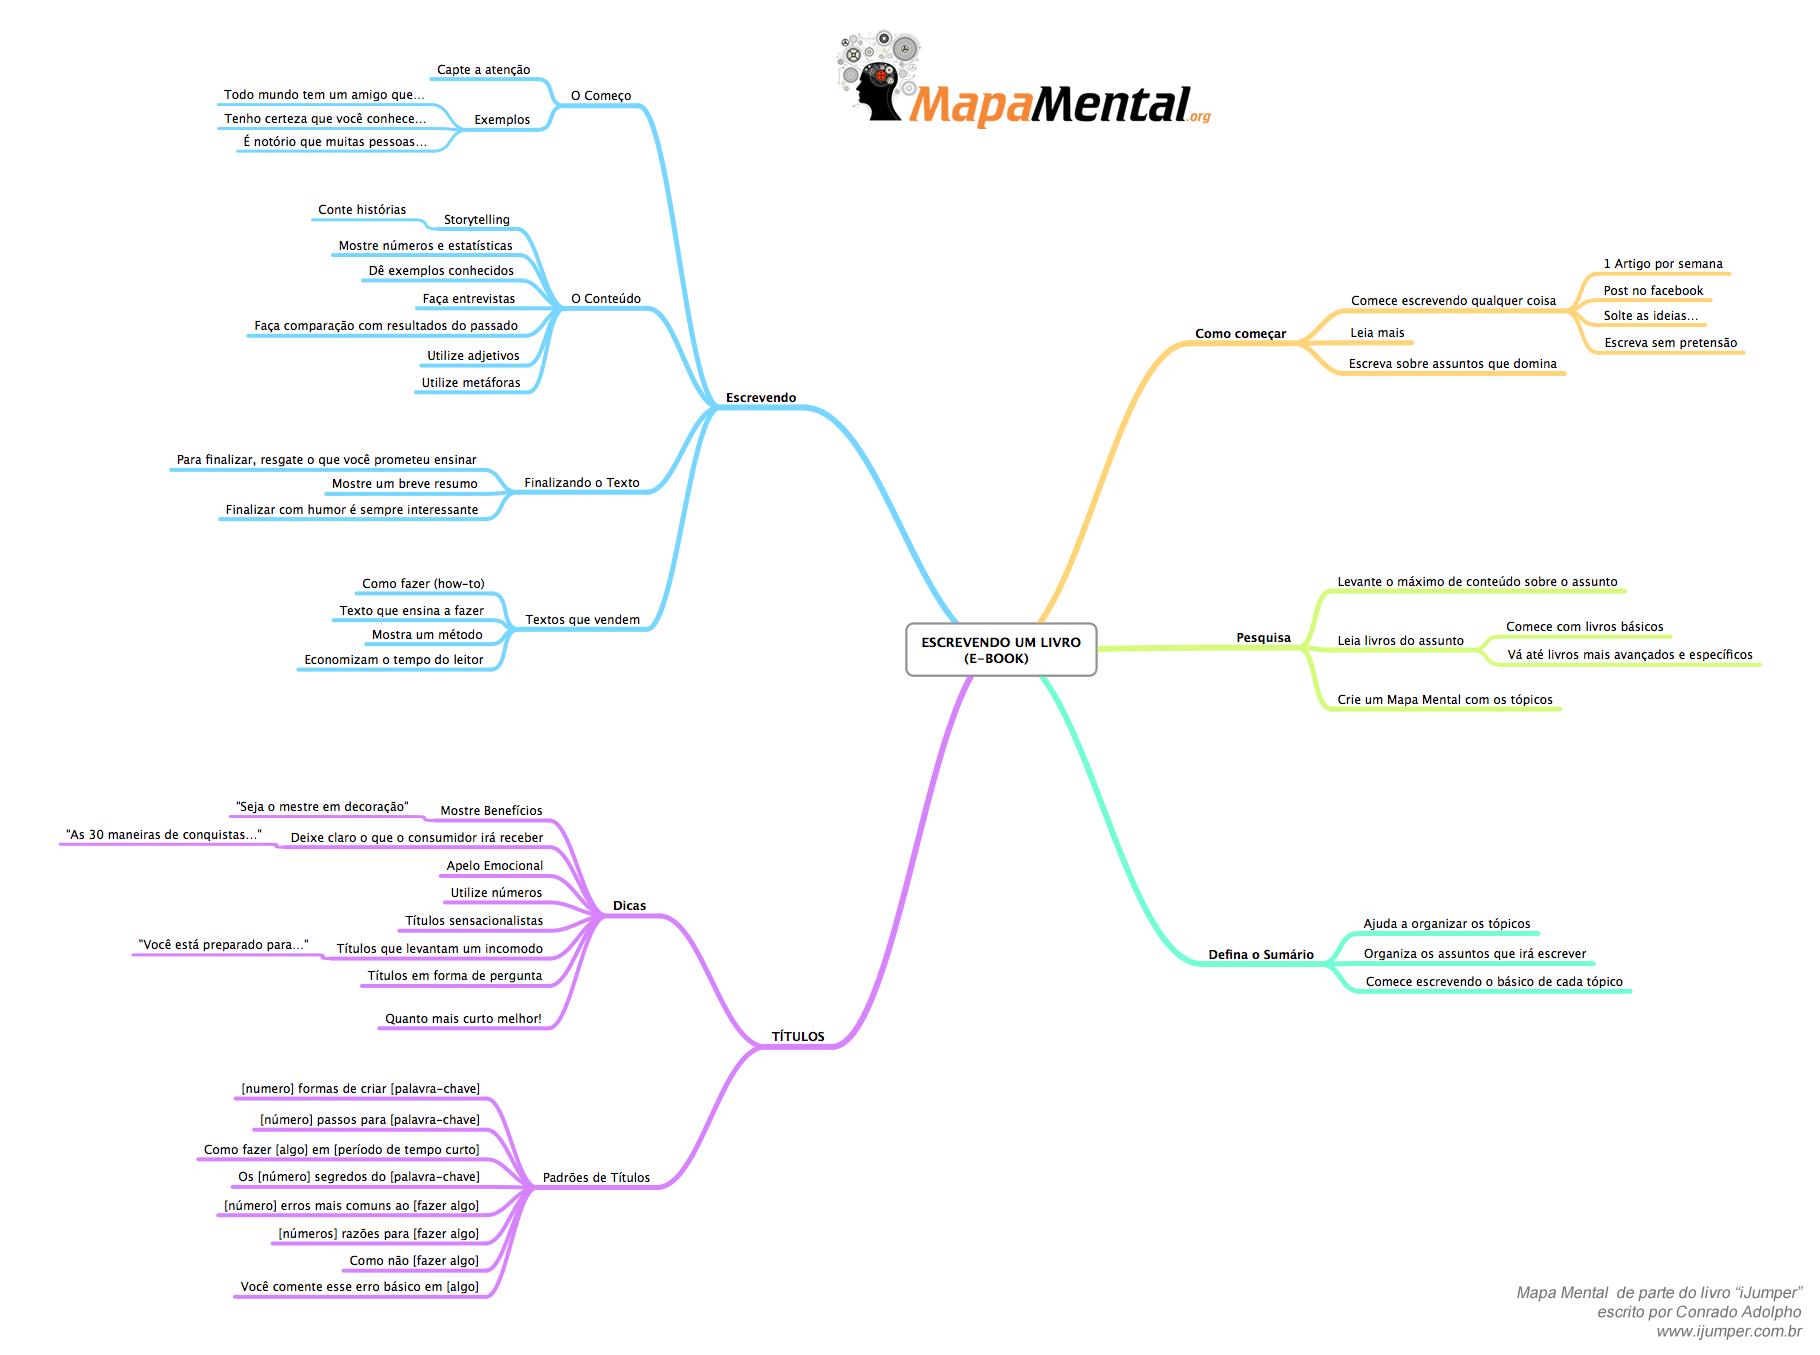 Dicas para Escrever um E-book (iJumper) Mapa Mental